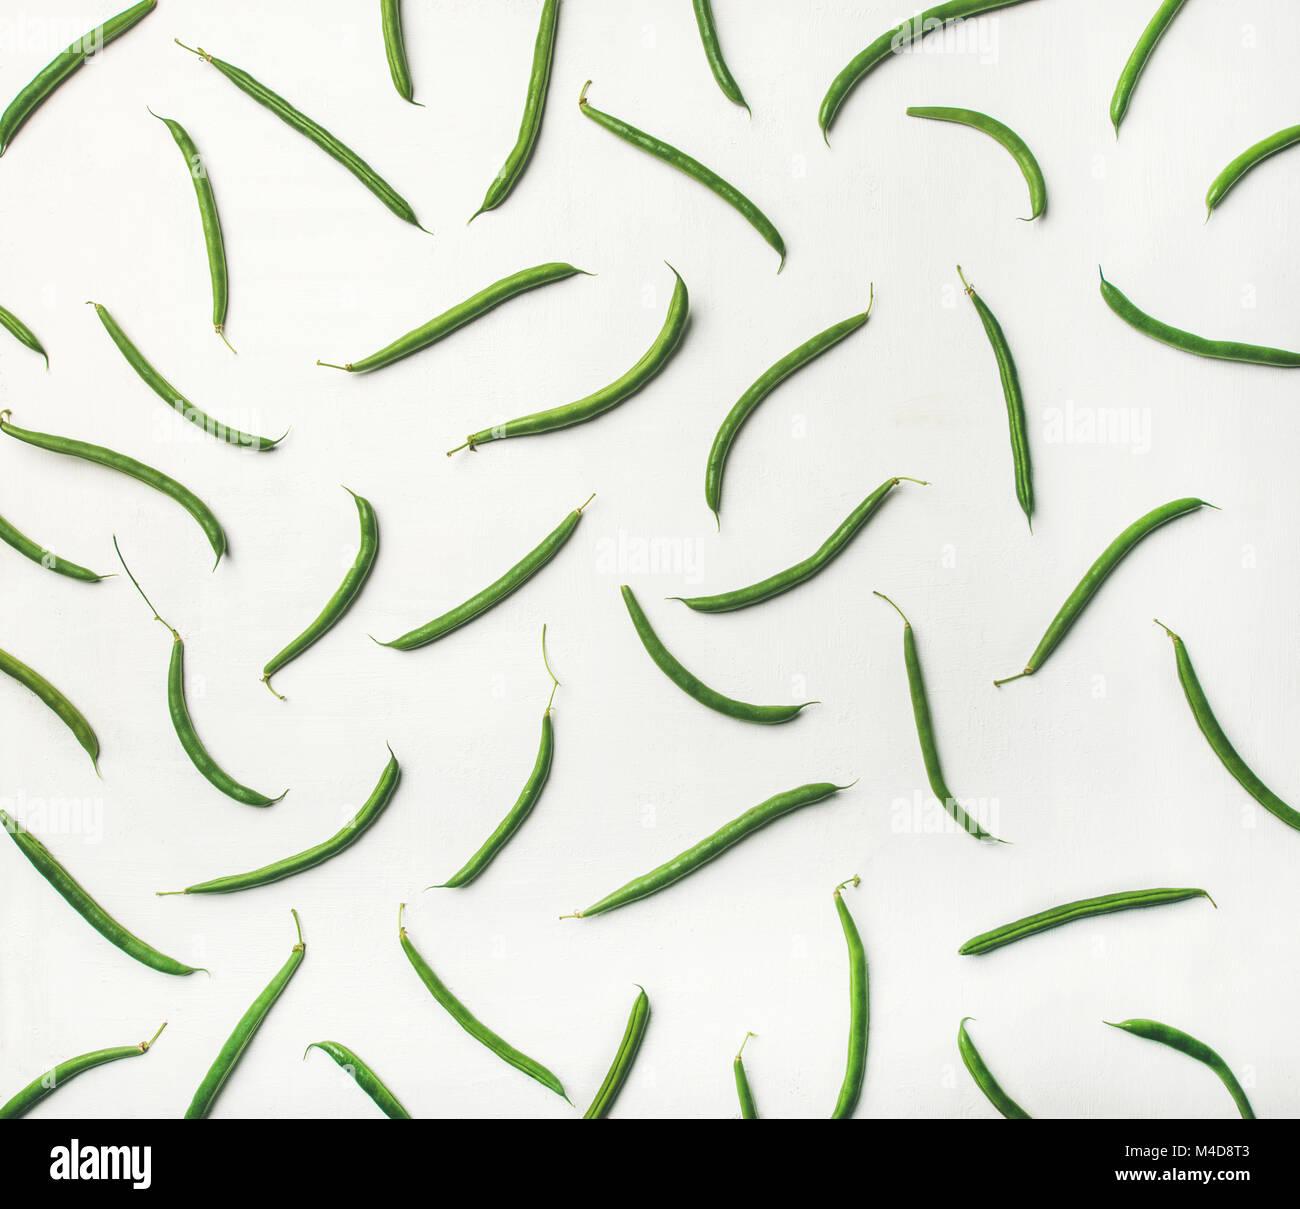 Télévision à jeter des haricots verts frais over white background Photo Stock